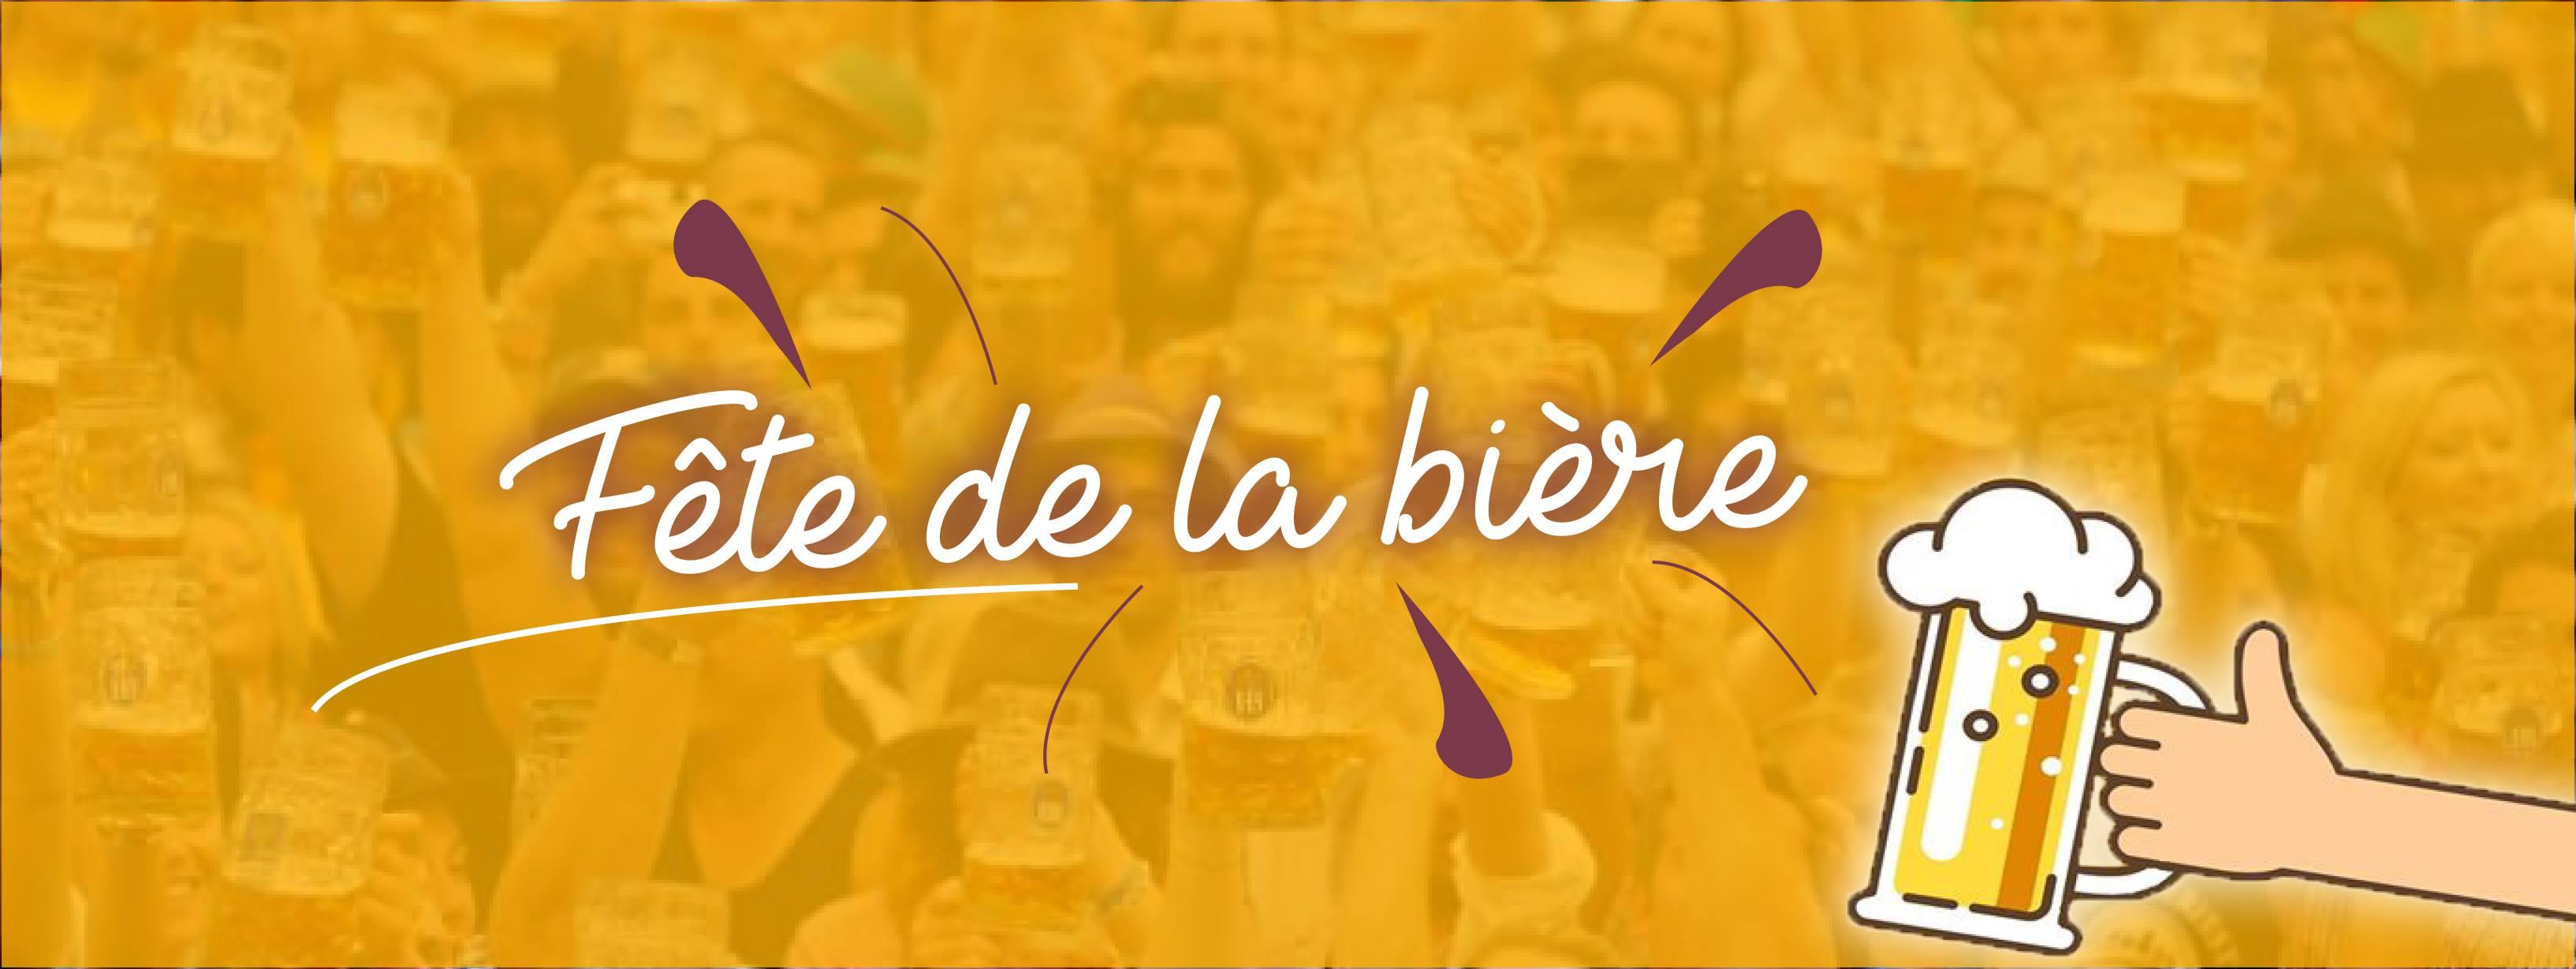 Les bons plans Bordeaux vous présentent : La fête de la bière à Bordeaux du jeudi 18 au samedi 20 avril 2019.